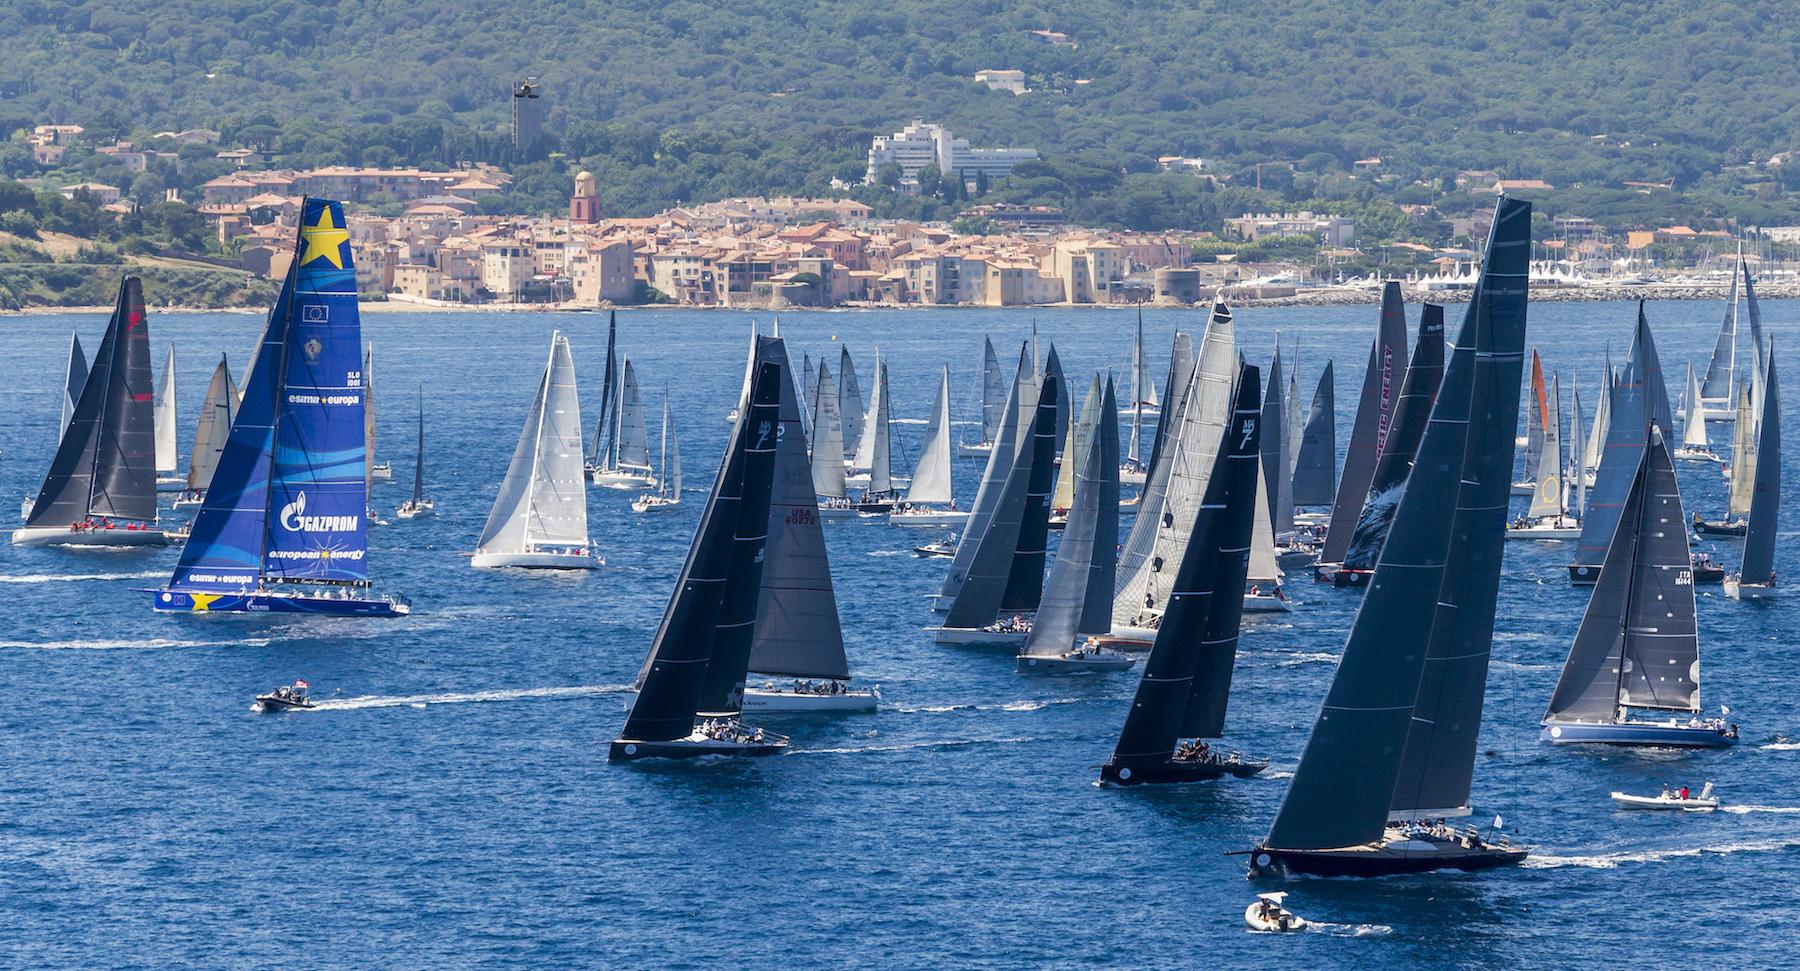 Regate, regate e ancora regate: il panorama delle competizioni a vela nel mondo